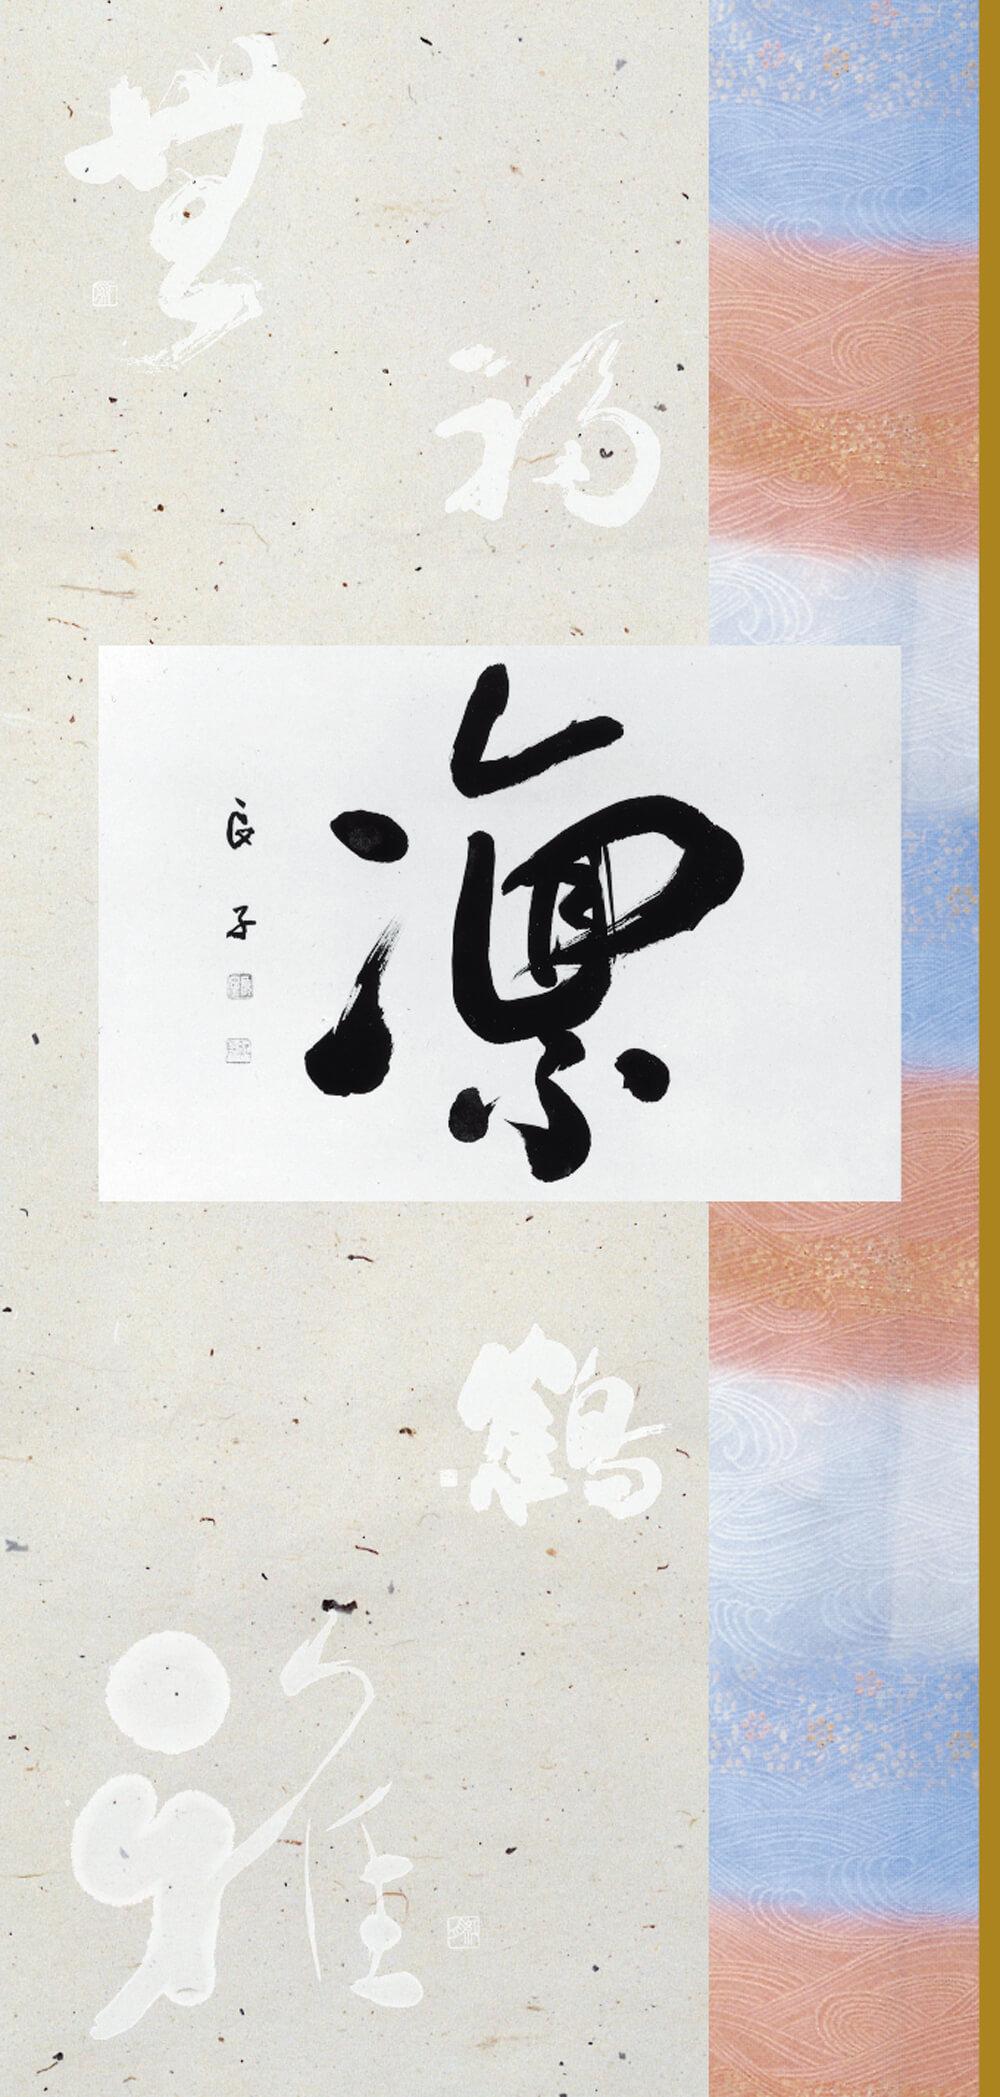 2008年4月15日から開催の「光玄開廊10周年記念 佐久間 良子 展 —書に遊ぶ—」のDM画像02